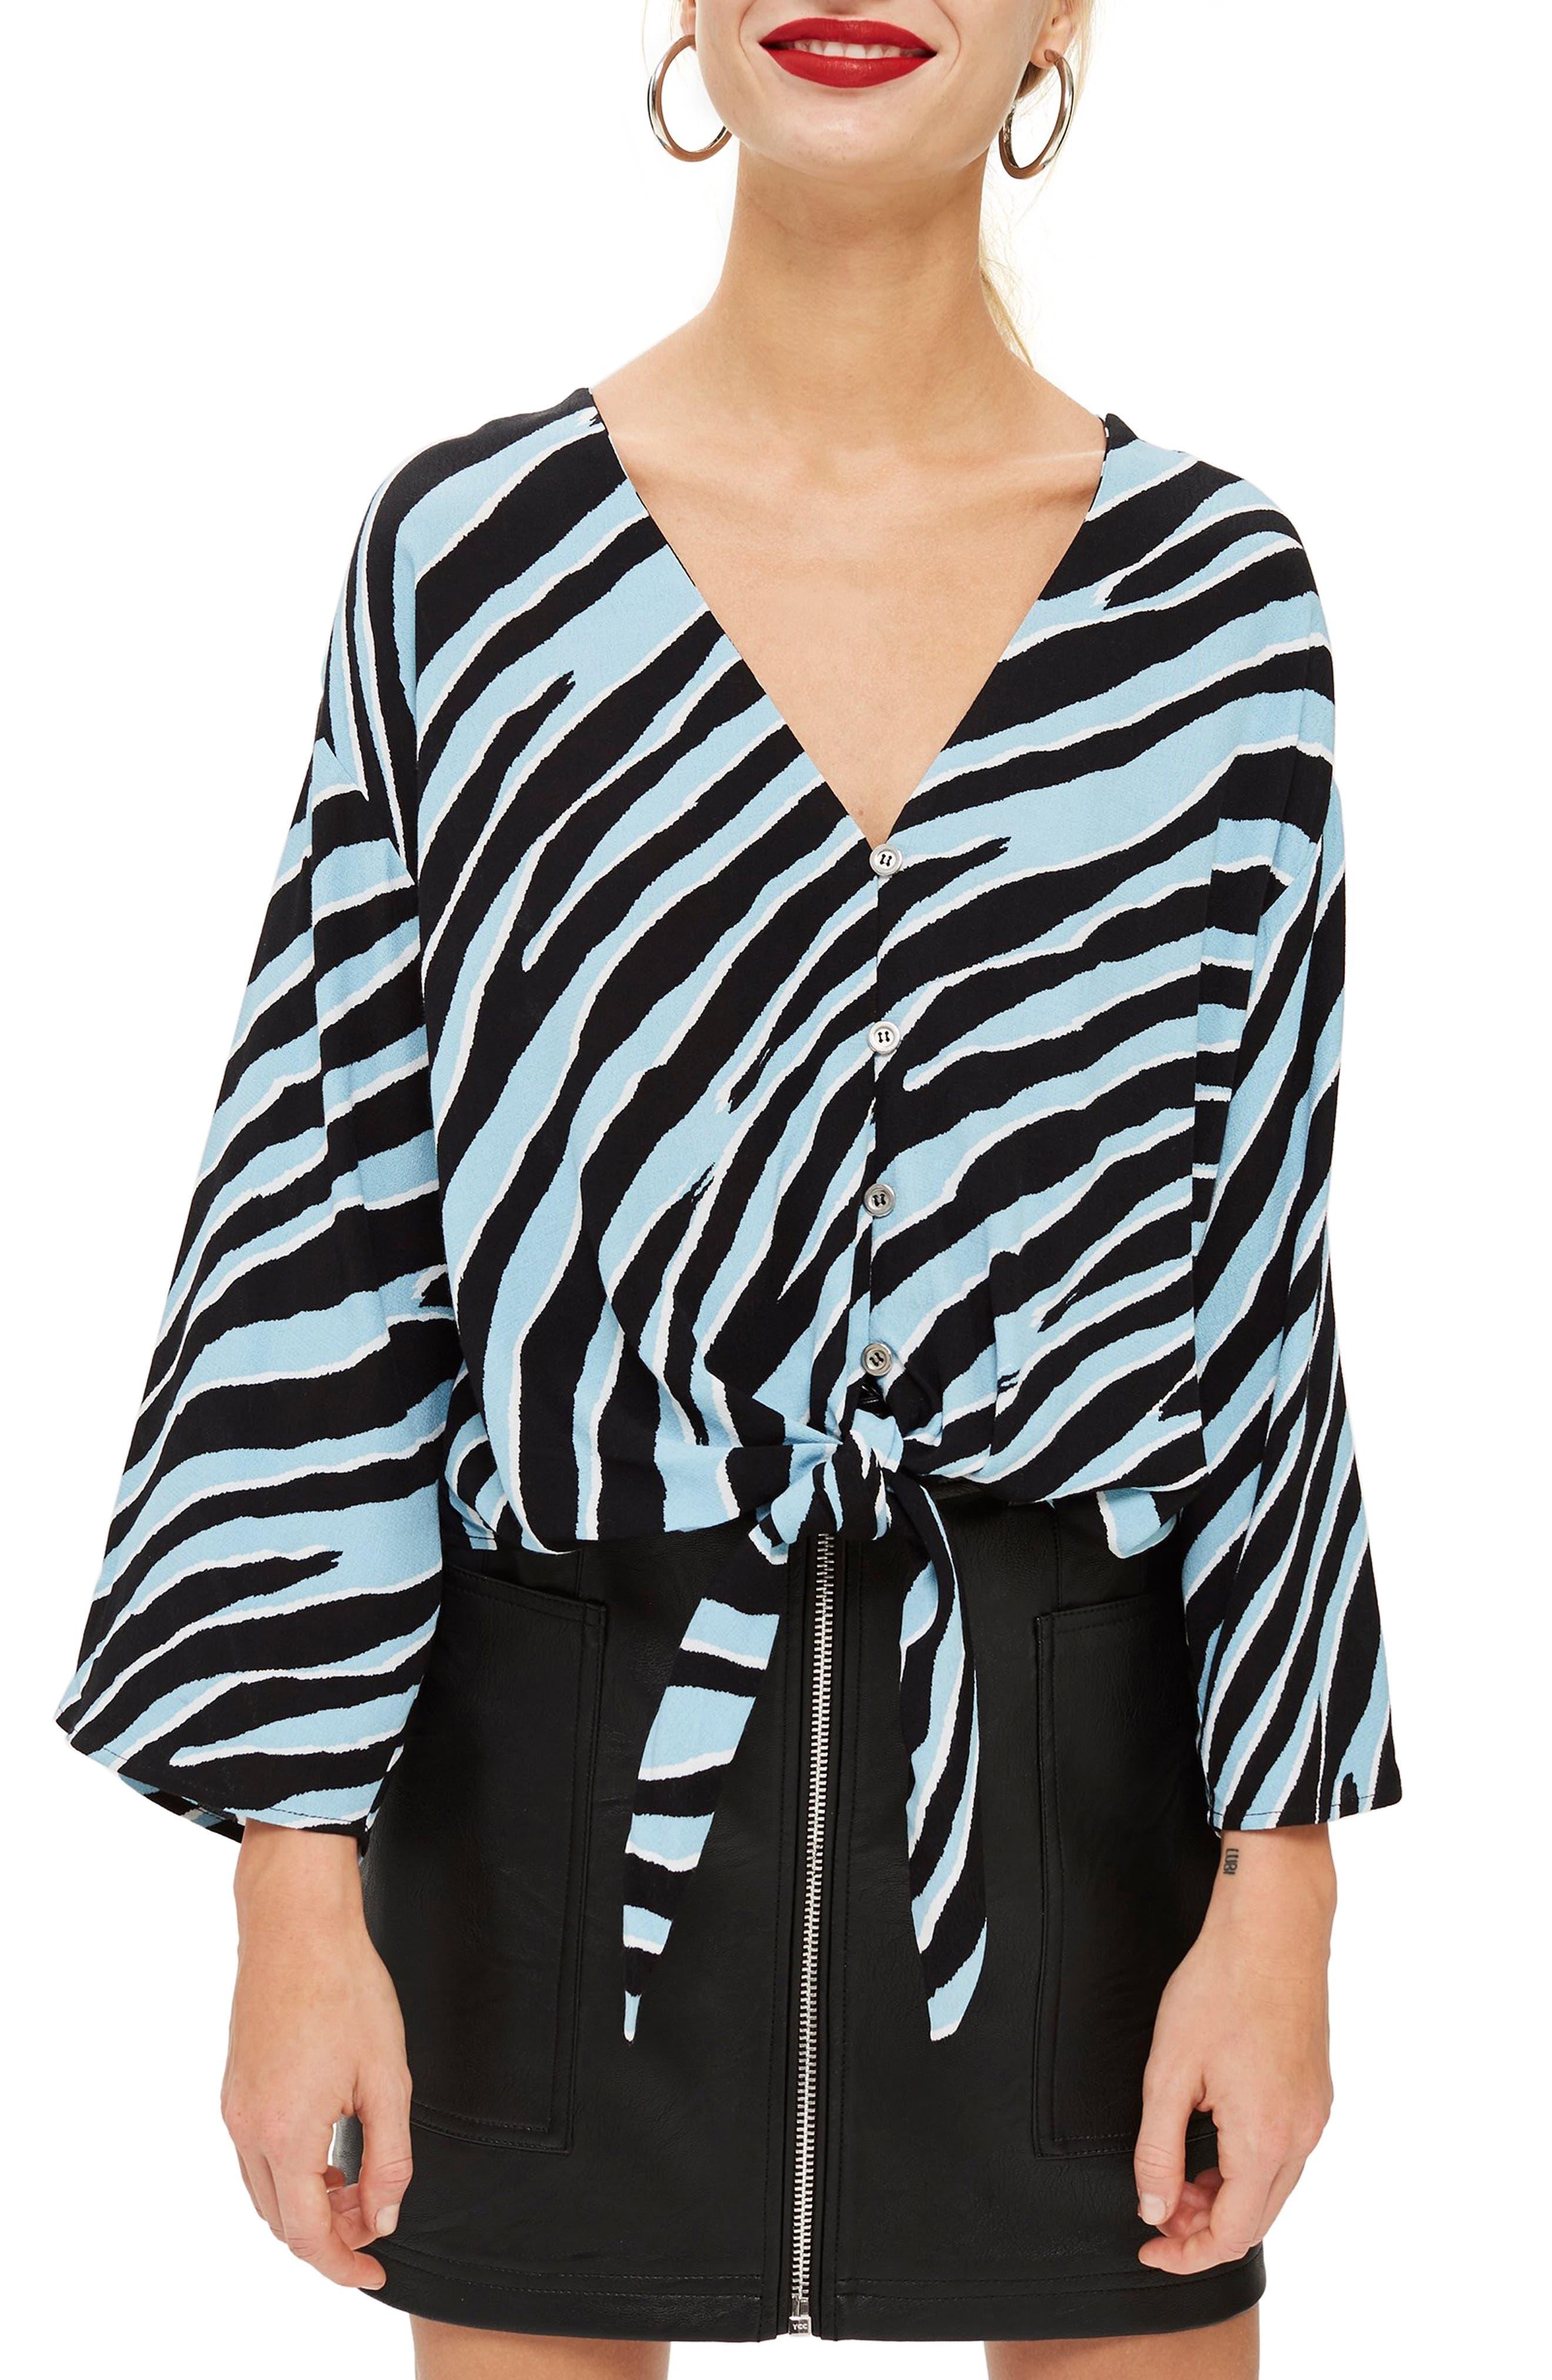 TOPSHOP, Zebra Tie Front Top, Main thumbnail 1, color, 400